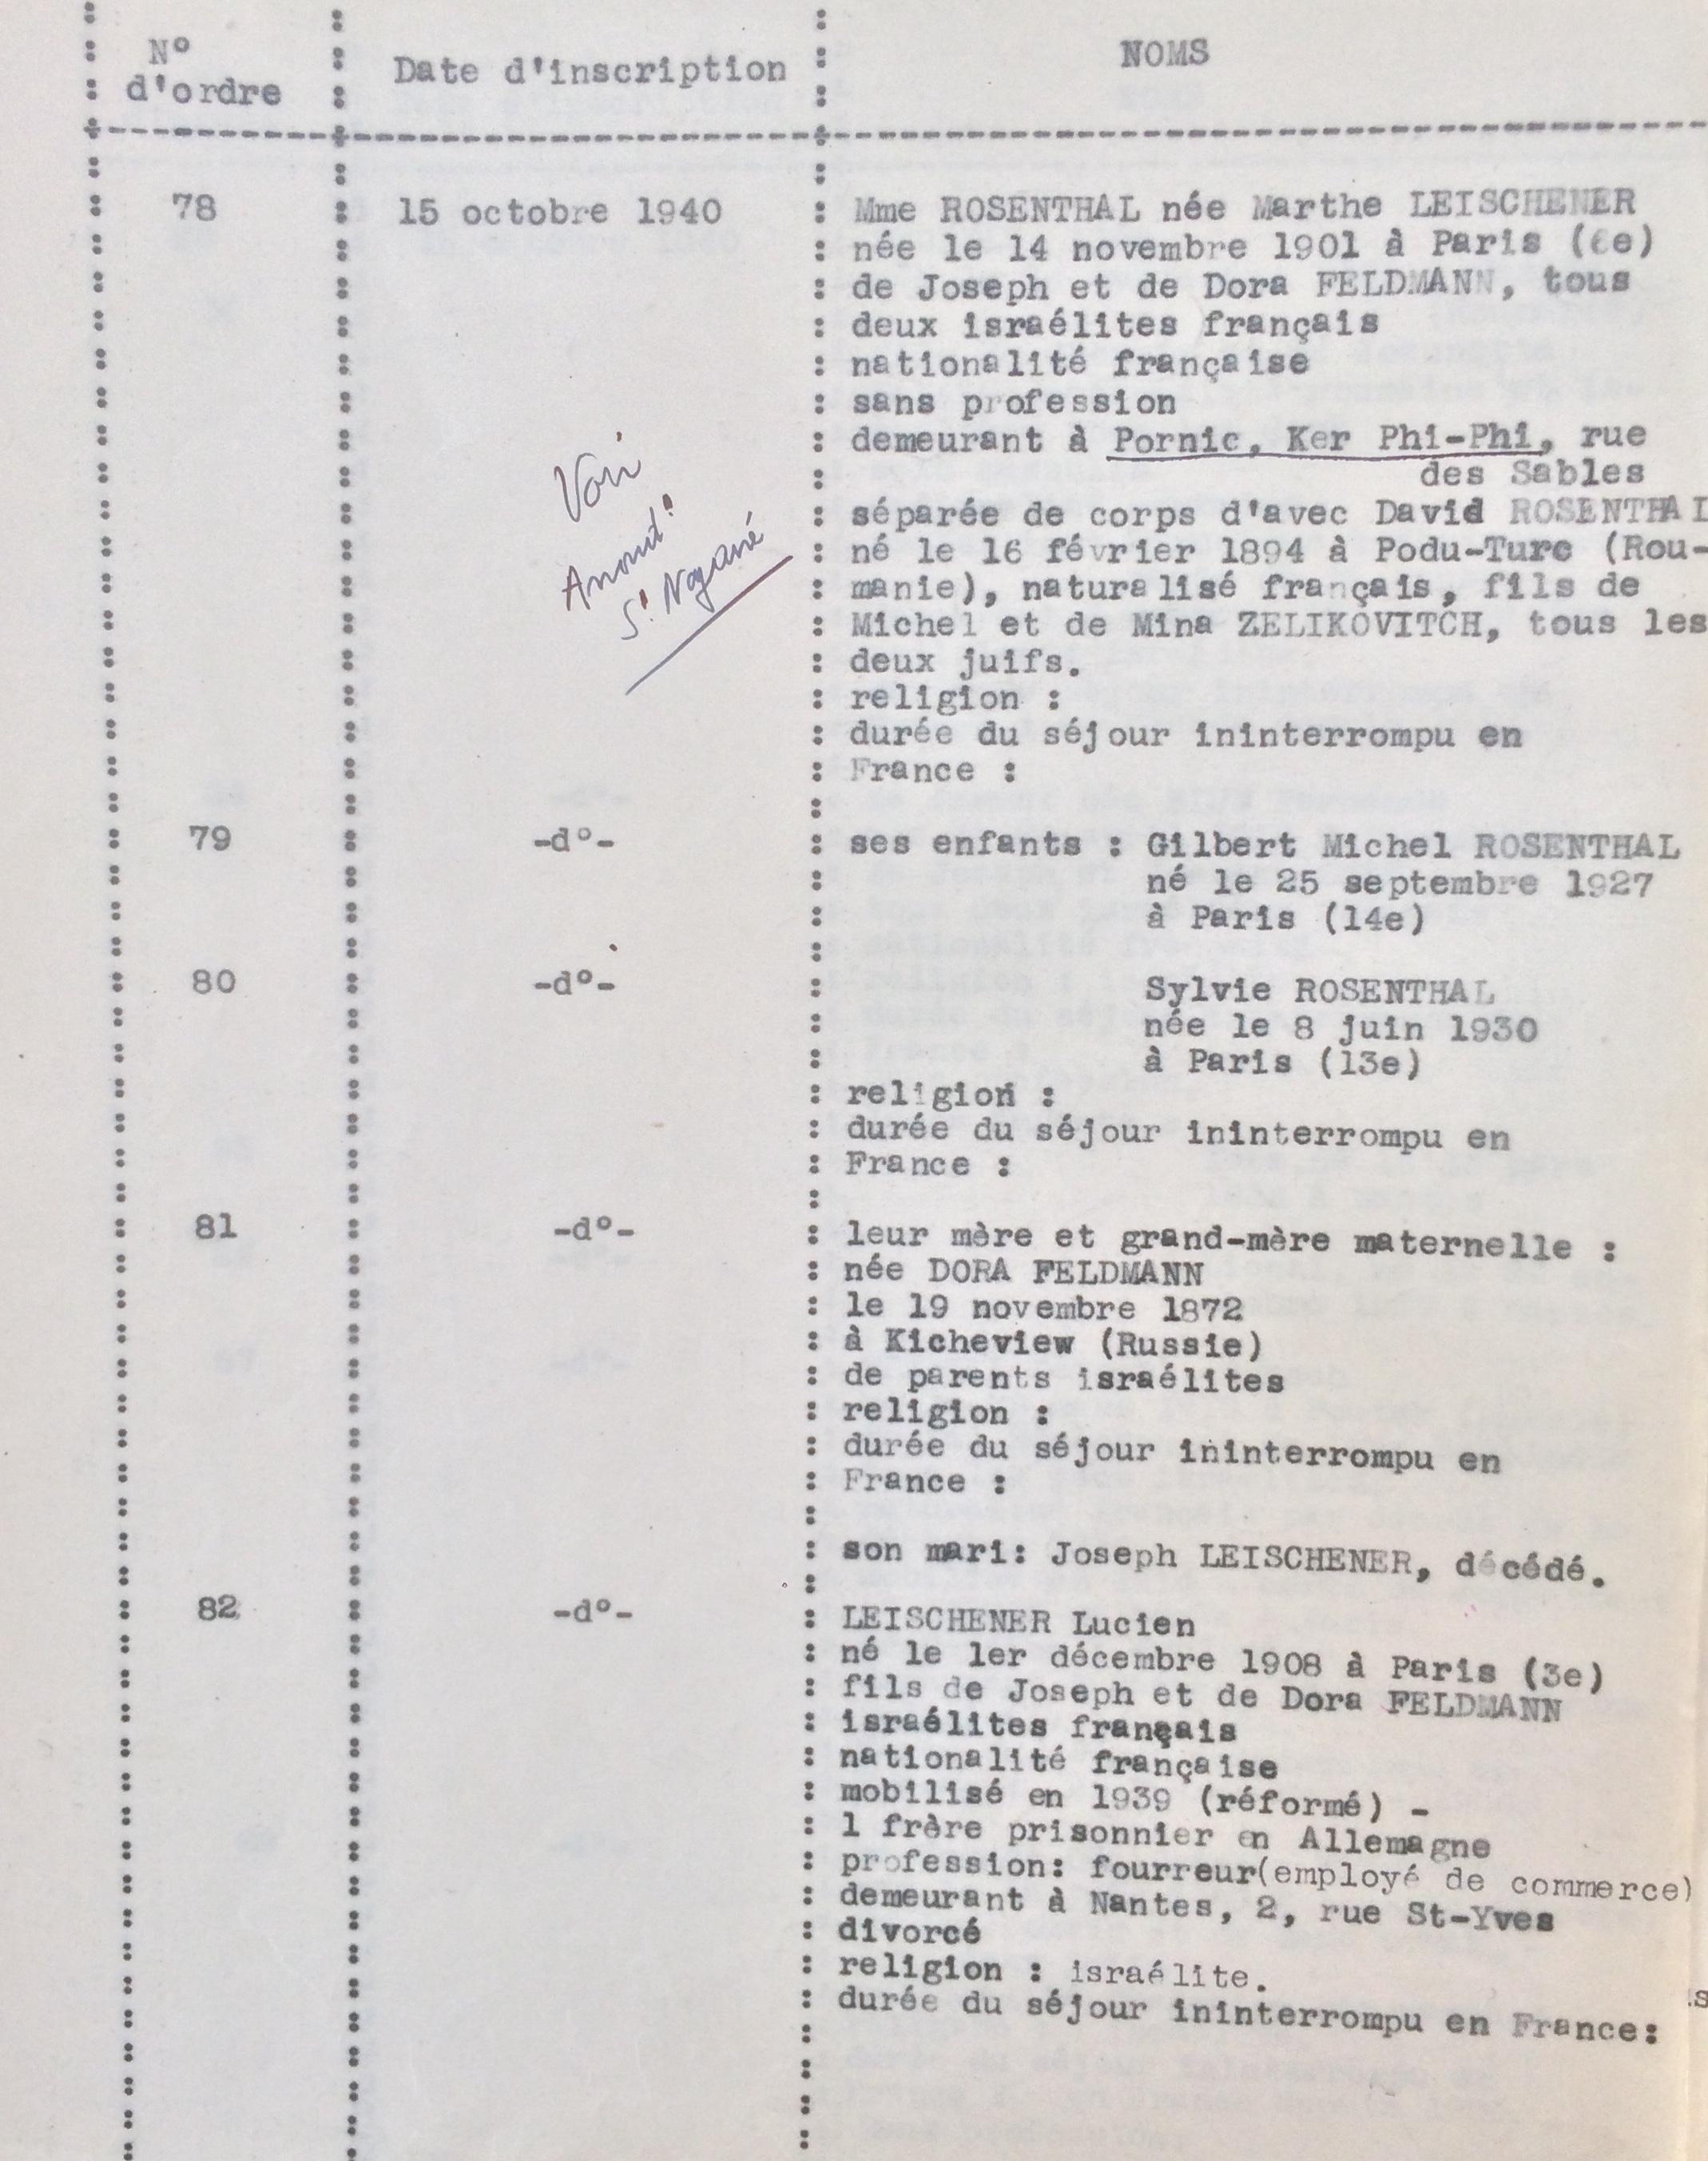 Extrait liste dactylographiée Nantes [1694W25]